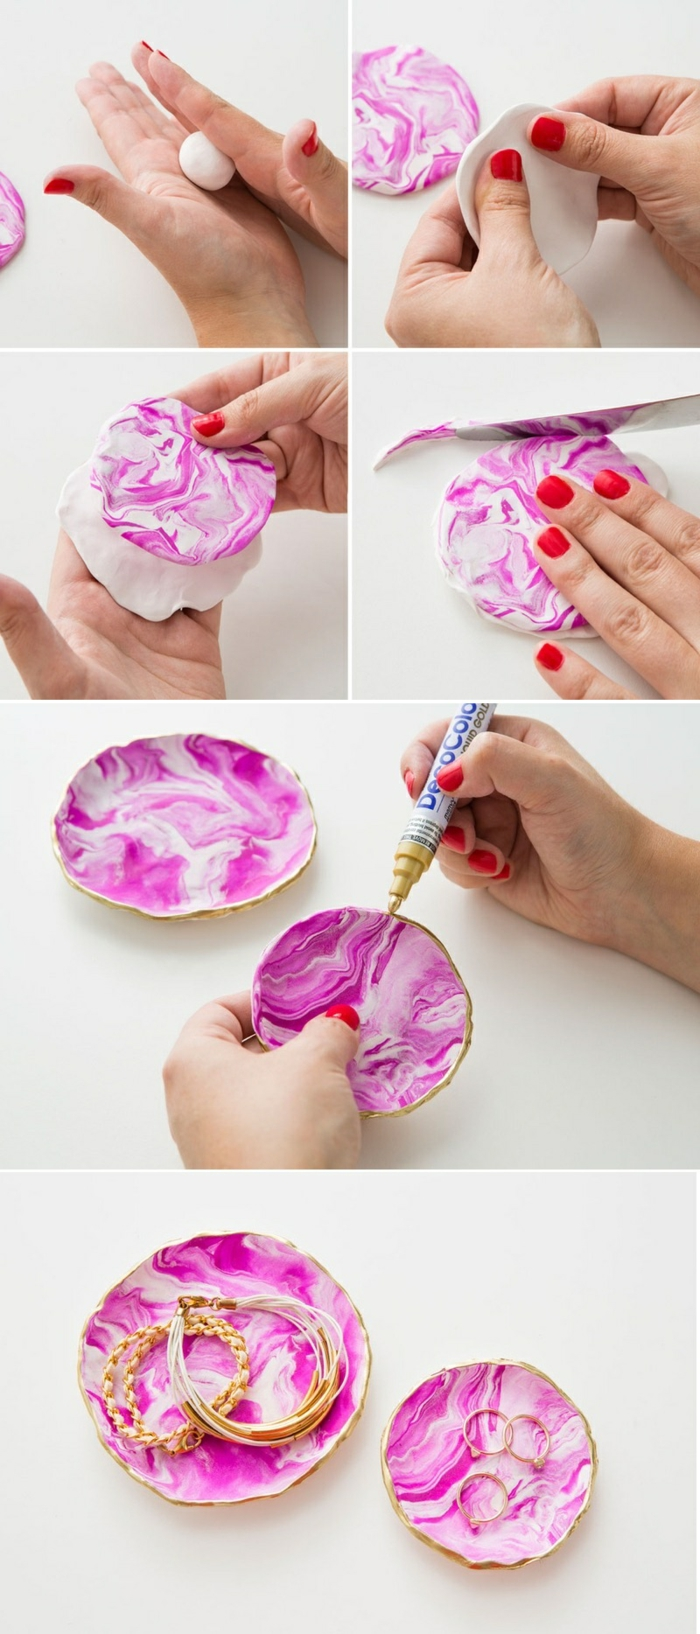 technique mixage argile en morceaux, idée activité manuelle printemps, faire un support pour bijoux avec argile